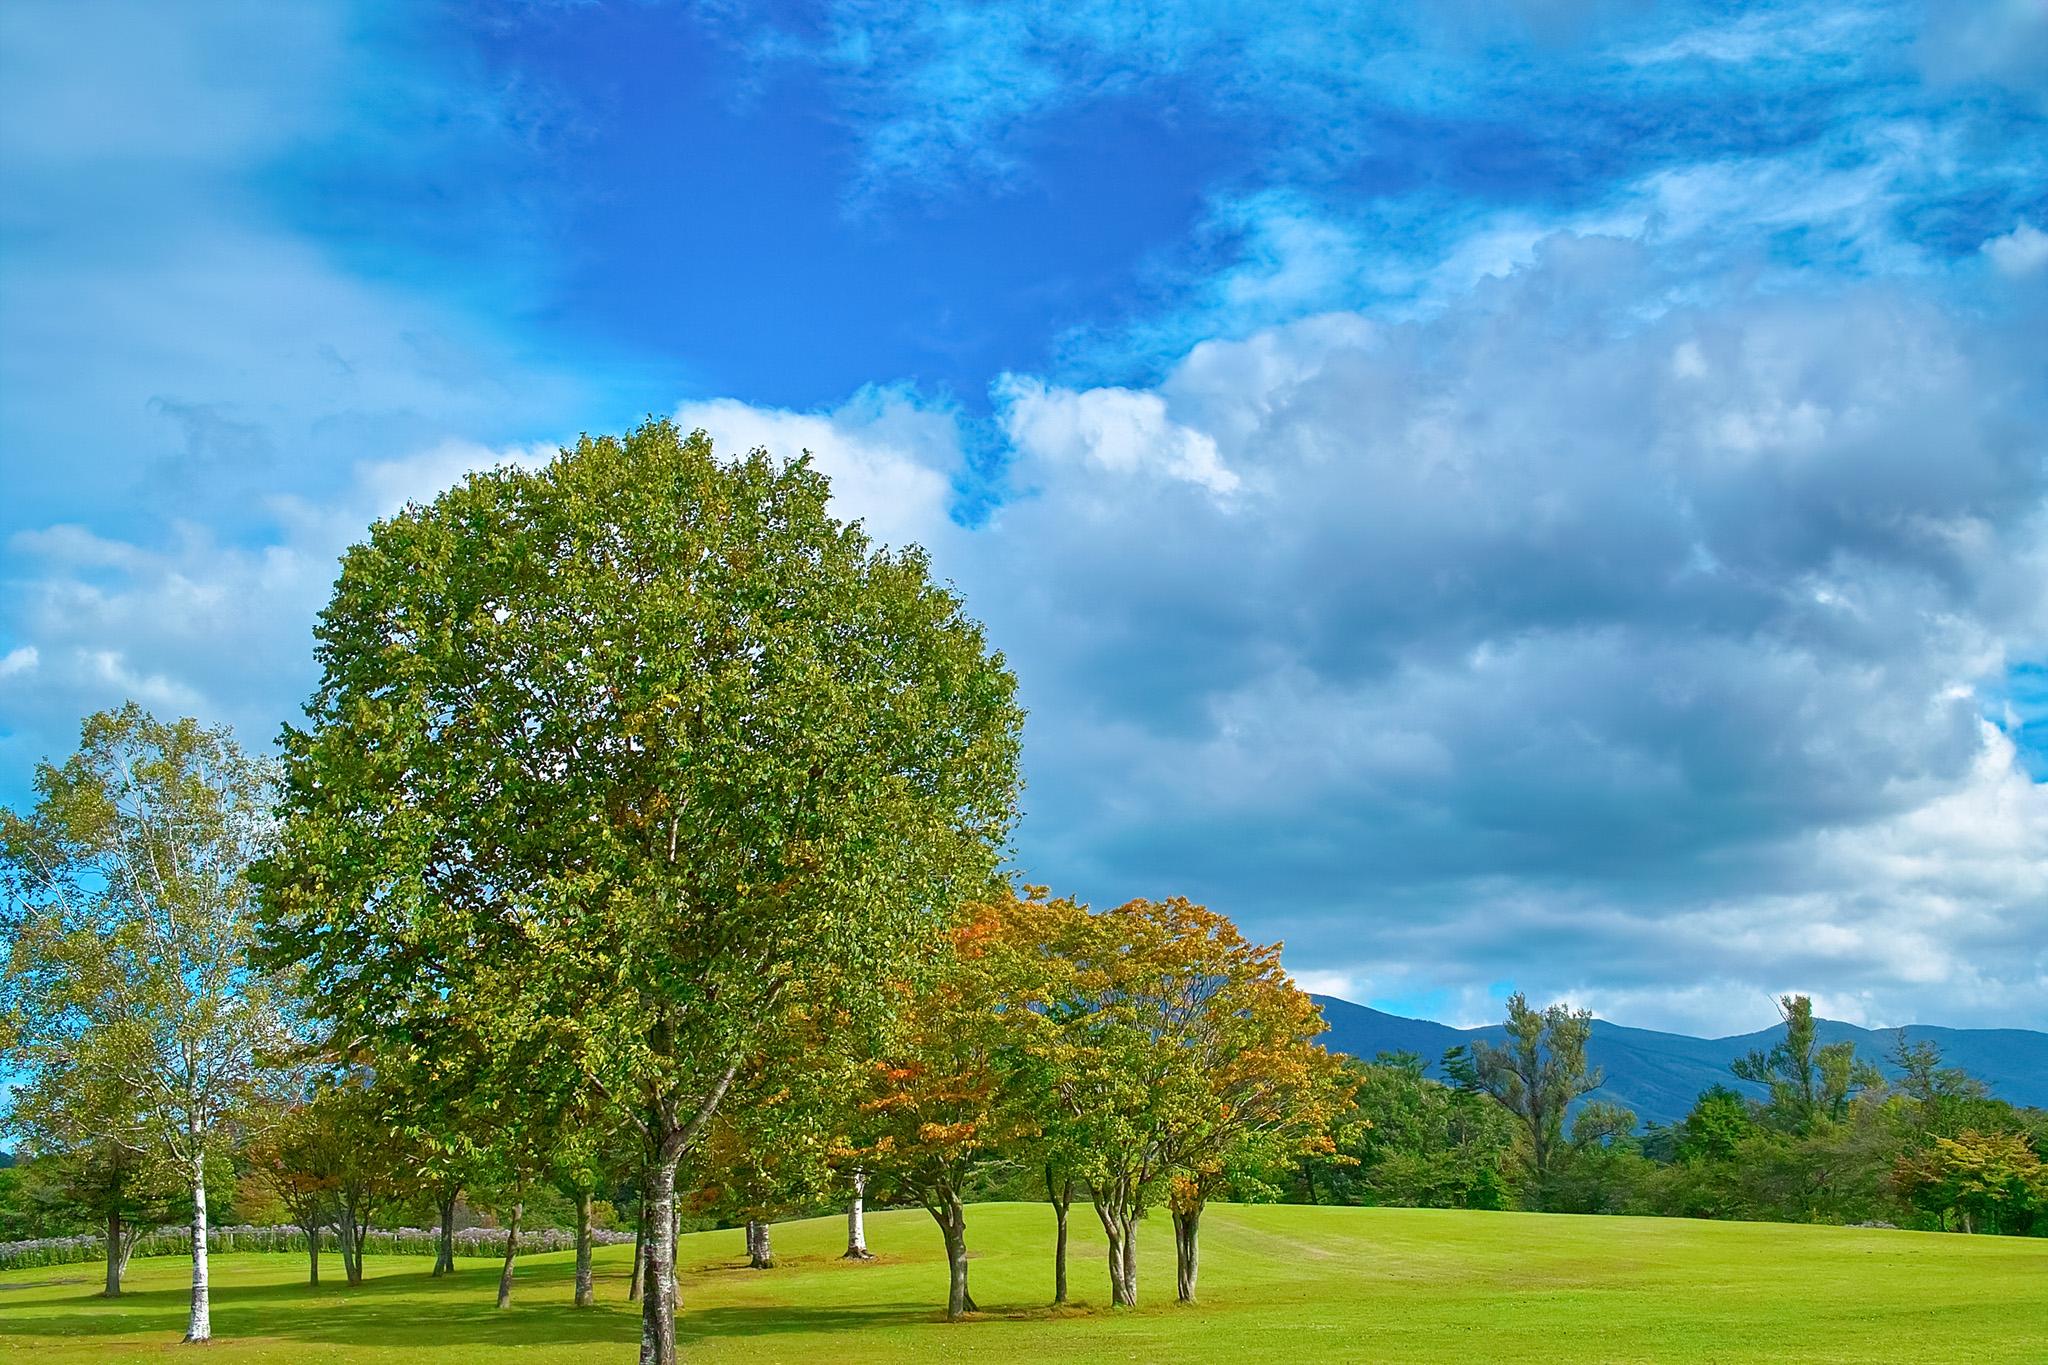 「緑の丘の小さな木立」の画像を無料ダウンロード